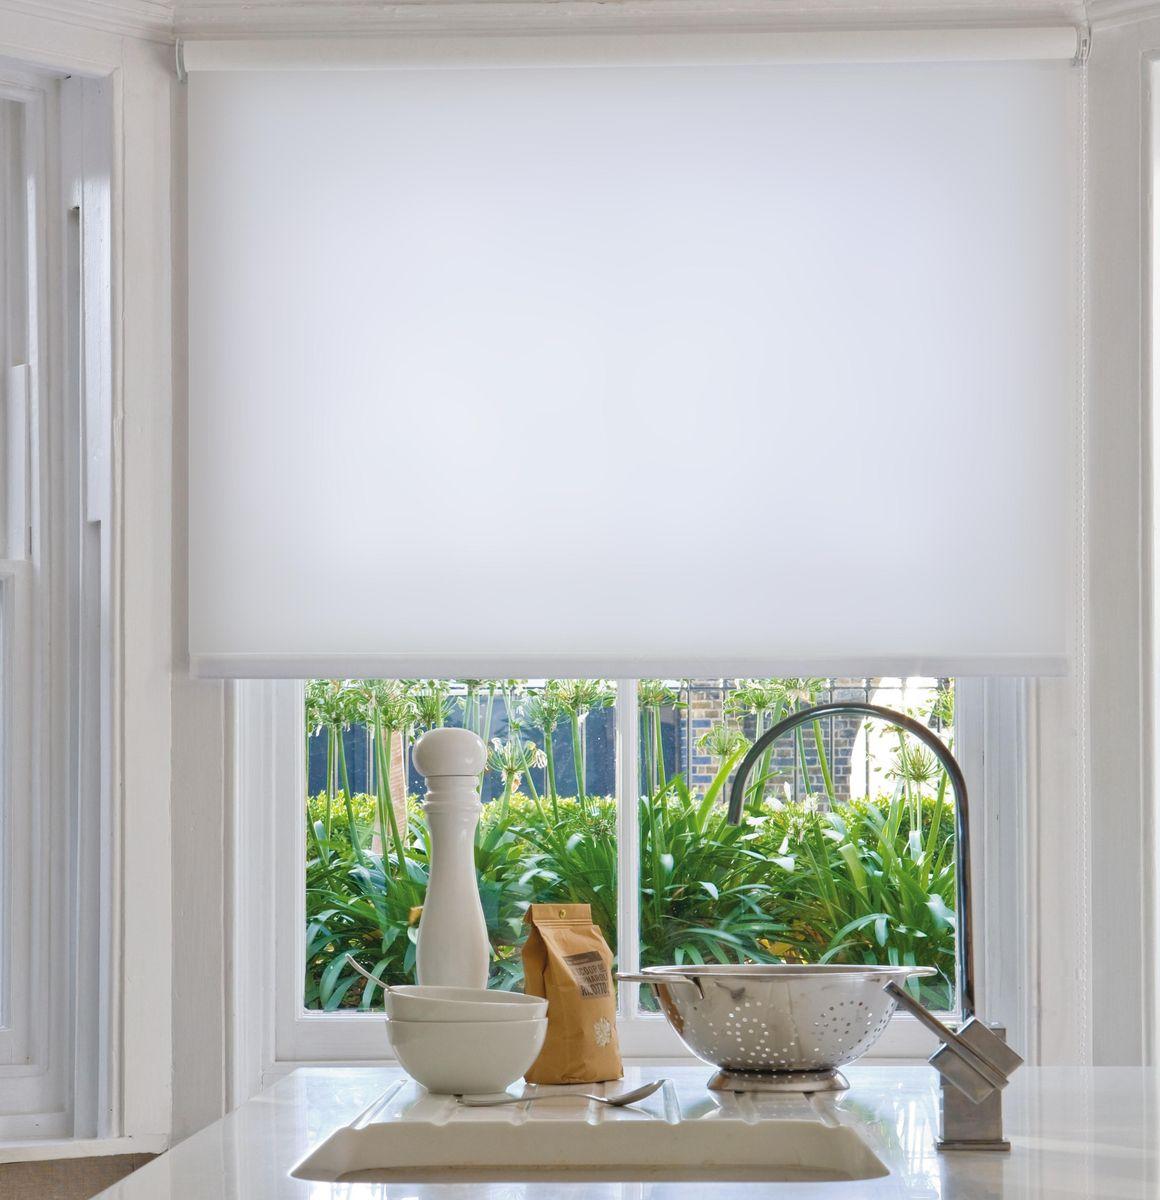 Штора рулонная Эскар, цвет: белый, ширина 80 см, высота 170 см8008080170Рулонными шторами можно оформлять окна как самостоятельно, так и использовать в комбинации с портьерами. Это поможет предотвратить выгорание дорогой ткани на солнце и соединит функционал рулонных с красотой навесных. Преимущества применения рулонных штор для пластиковых окон: - имеют прекрасный внешний вид: многообразие и фактурность материала изделия отлично смотрятся в любом интерьере; - многофункциональны: есть возможность подобрать шторы способные эффективно защитить комнату от солнца, при этом она не будет слишком темной. - Есть возможность осуществить быстрый монтаж. ВНИМАНИЕ! Размеры ширины изделия указаны по ширине ткани! Во время эксплуатации не рекомендуется полностью разматывать рулон, чтобы не оторвать ткань от намоточного вала. В случае загрязнения поверхности ткани, чистку шторы проводят одним из способов, в зависимости от типа загрязнения: легкое поверхностное загрязнение можно удалить при помощи канцелярского ластика; чистка от пыли производится сухим методом при...